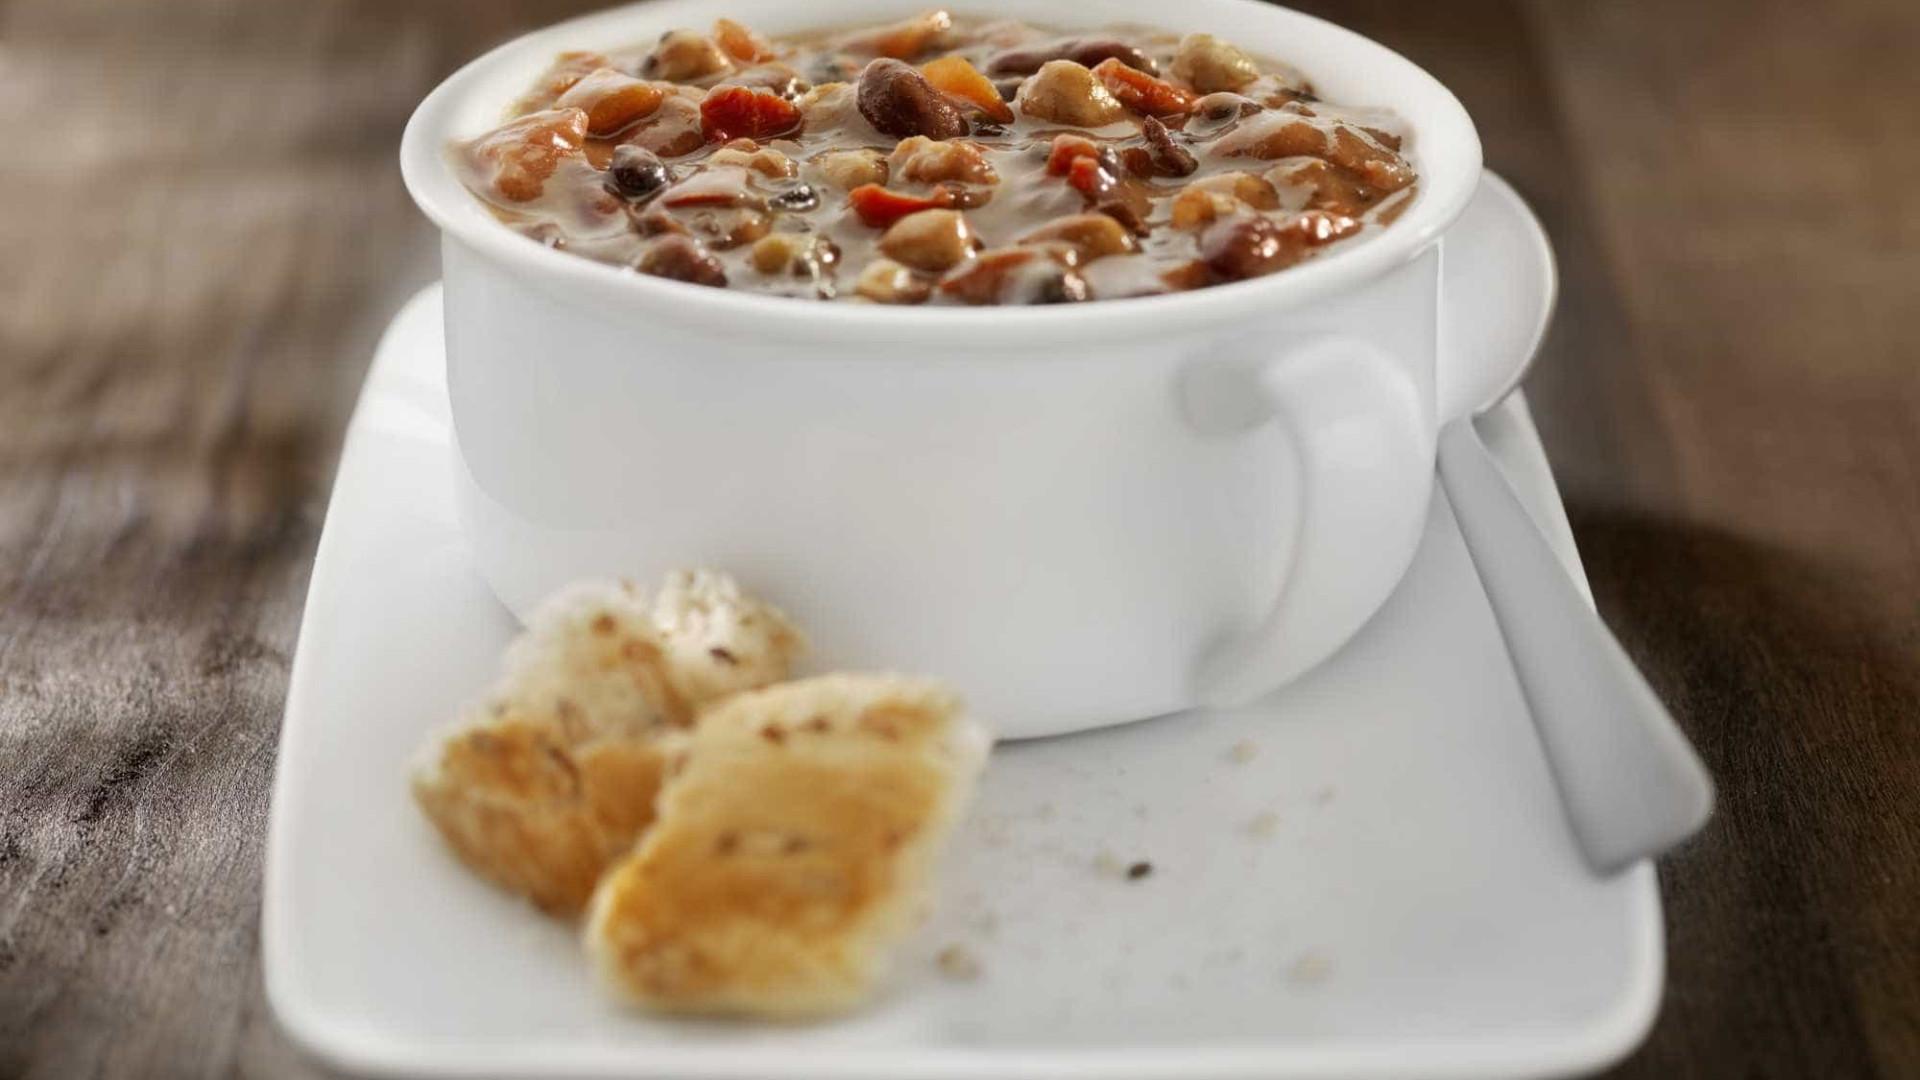 Aprenda a preparar uma sopa de feijão especial para as crianças